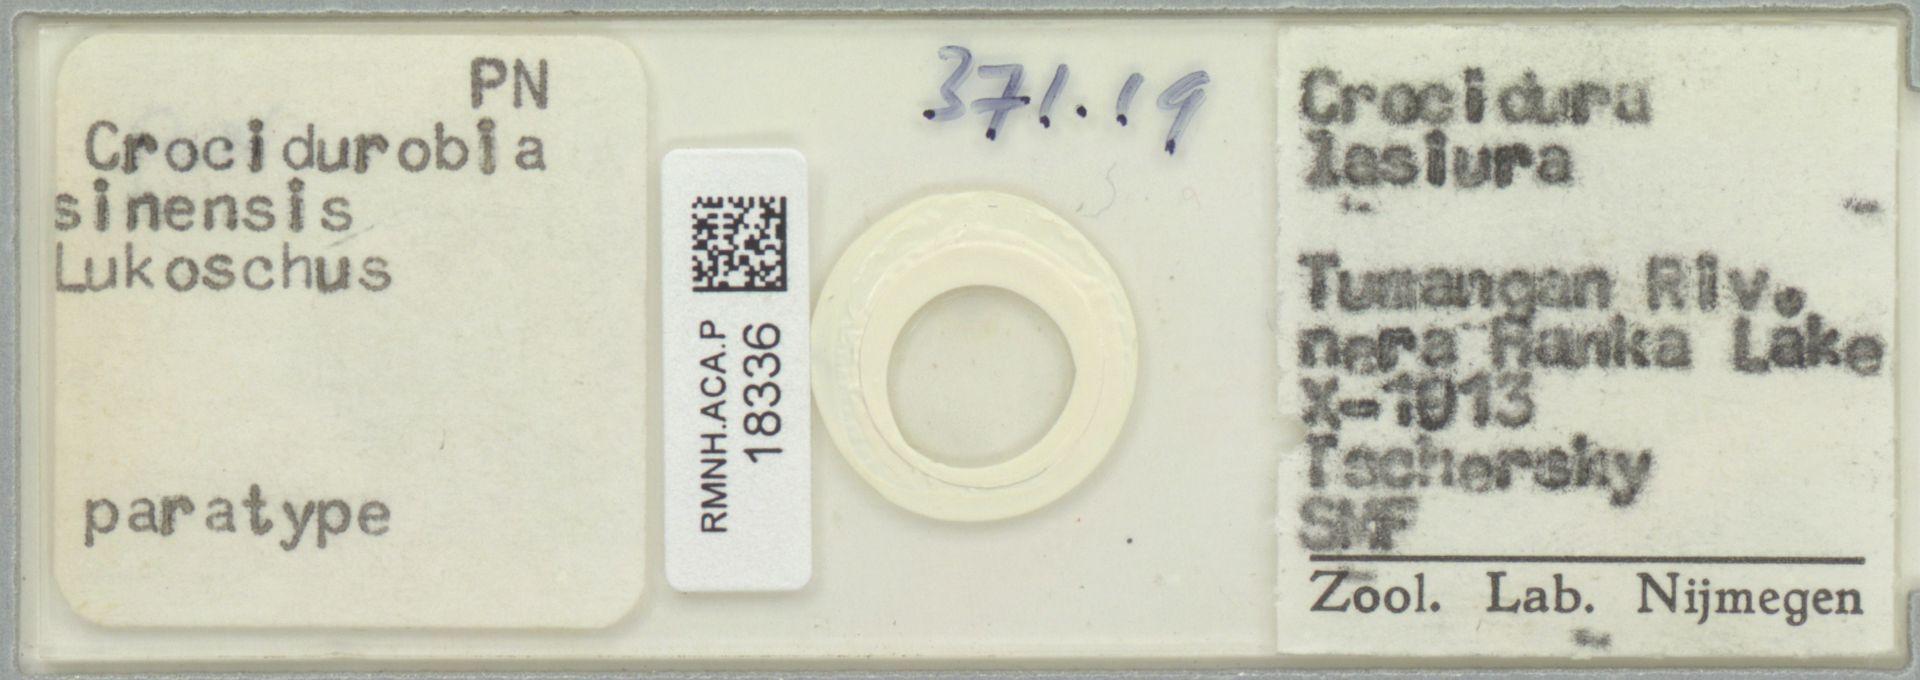 RMNH.ACA.P.18336 | Crocidurobia sinensis